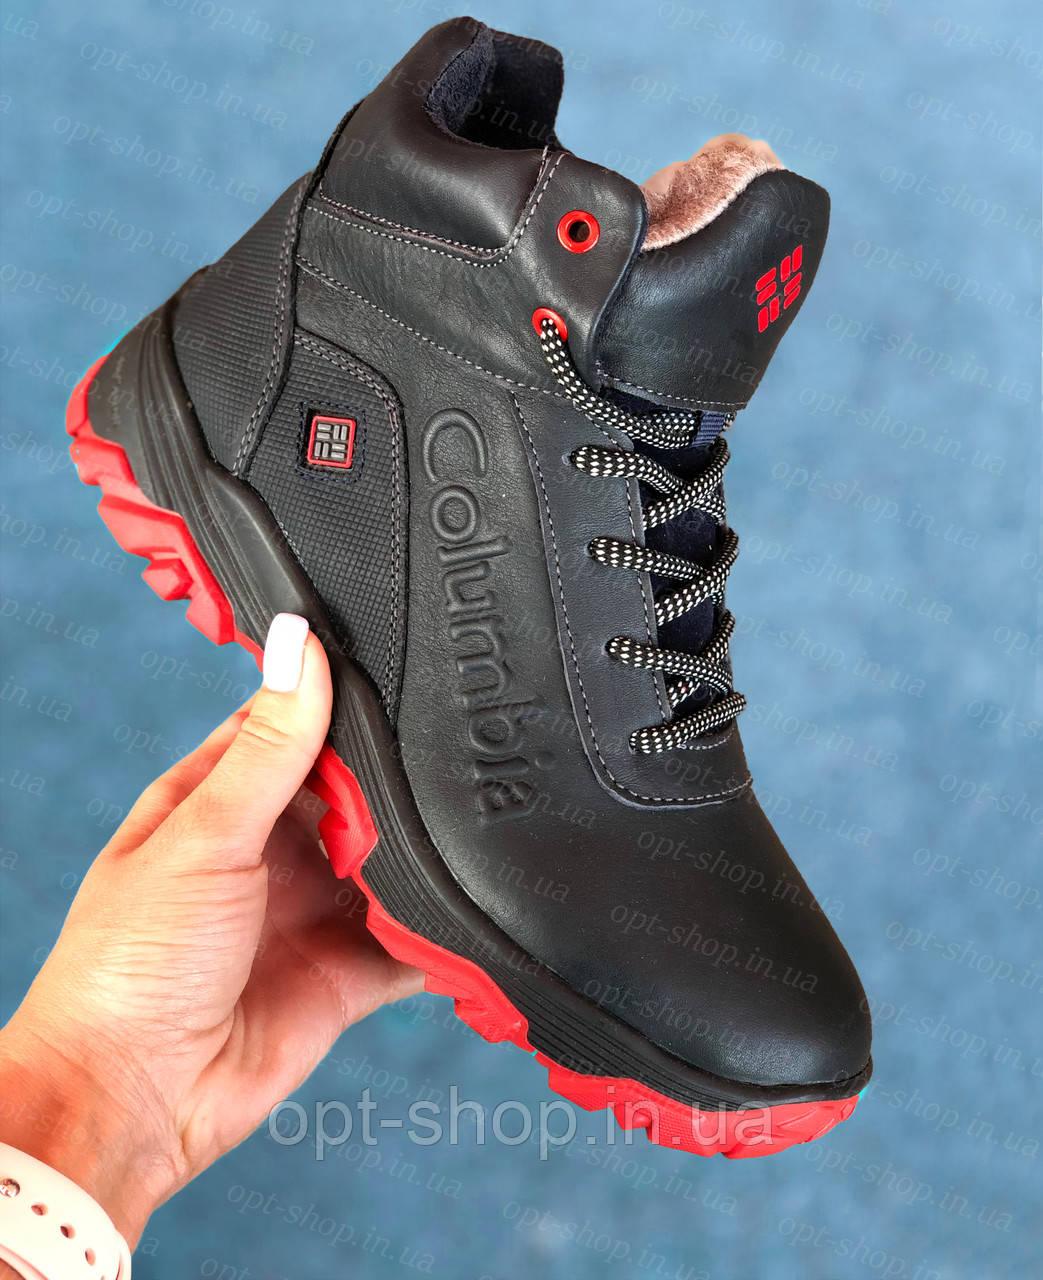 Ботинки зимние детские подростковые кожаные для/на мальчика в стиле Columbia  черевики зимові на хлопчика